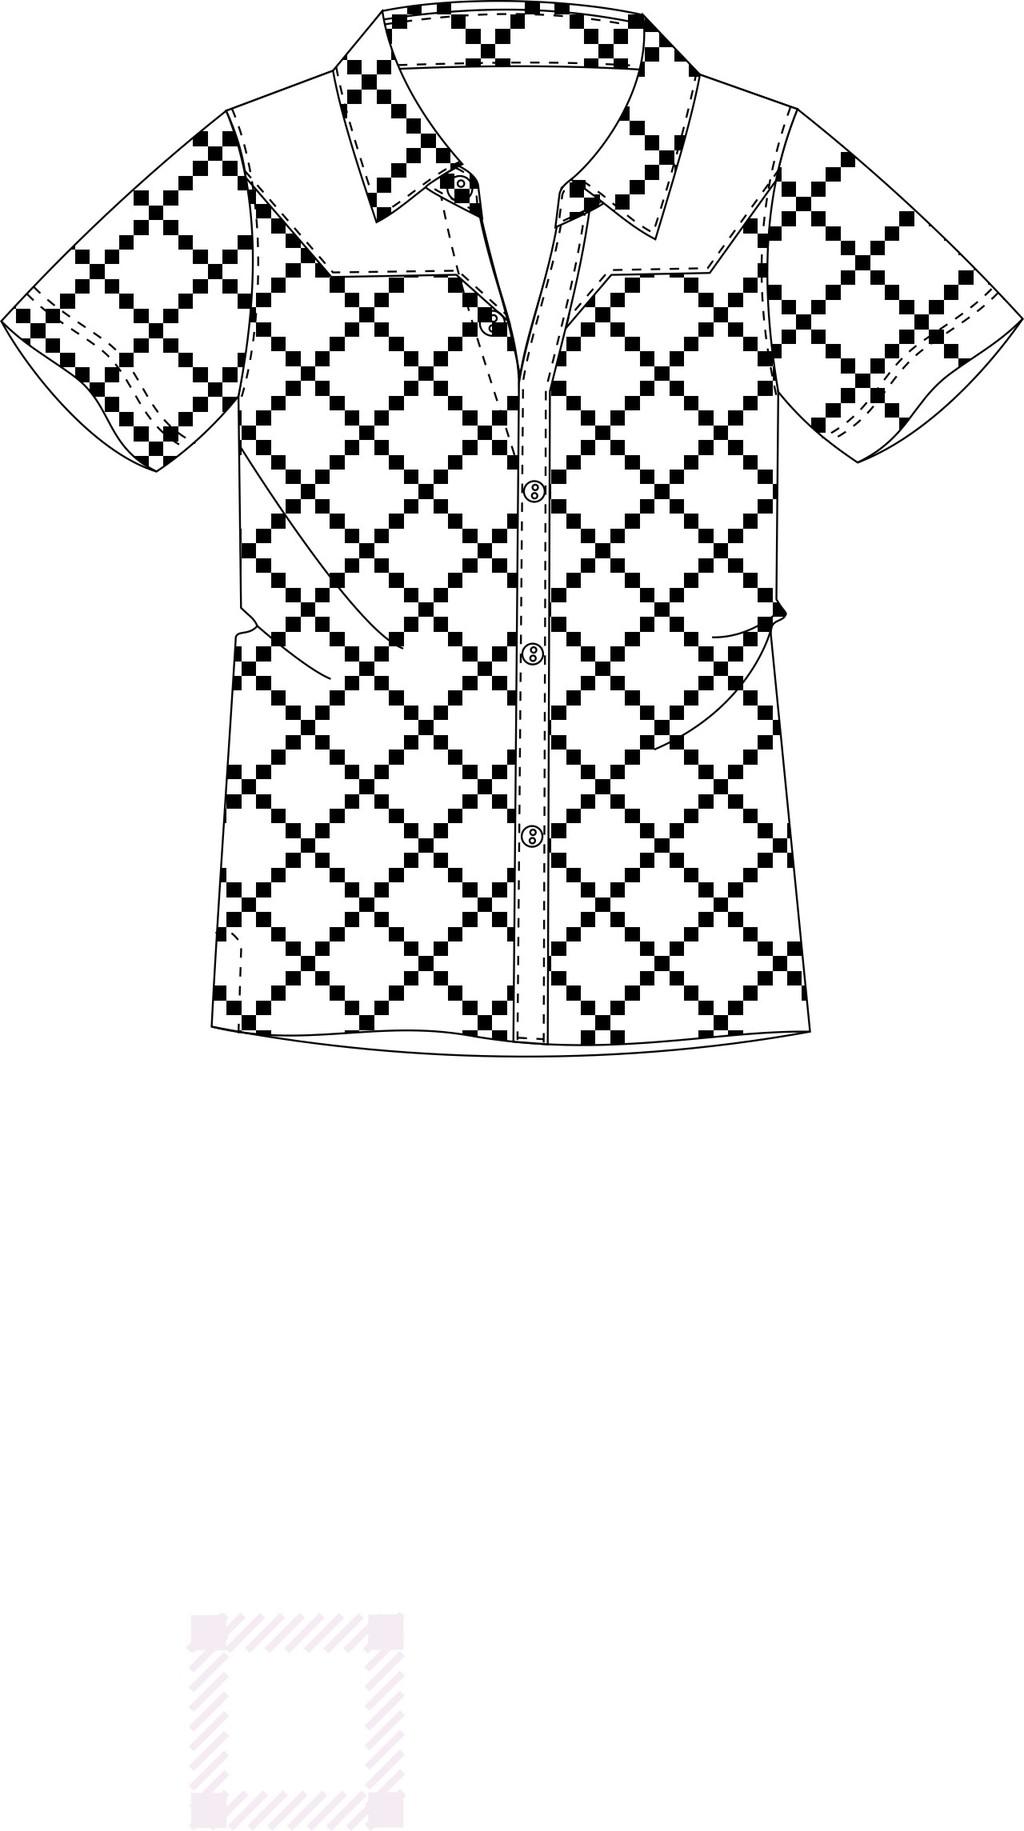 前卫 男士翻领衬衫 夏季时尚短袖男衬衫cdr格式 时尚休闲 男衬衫设计